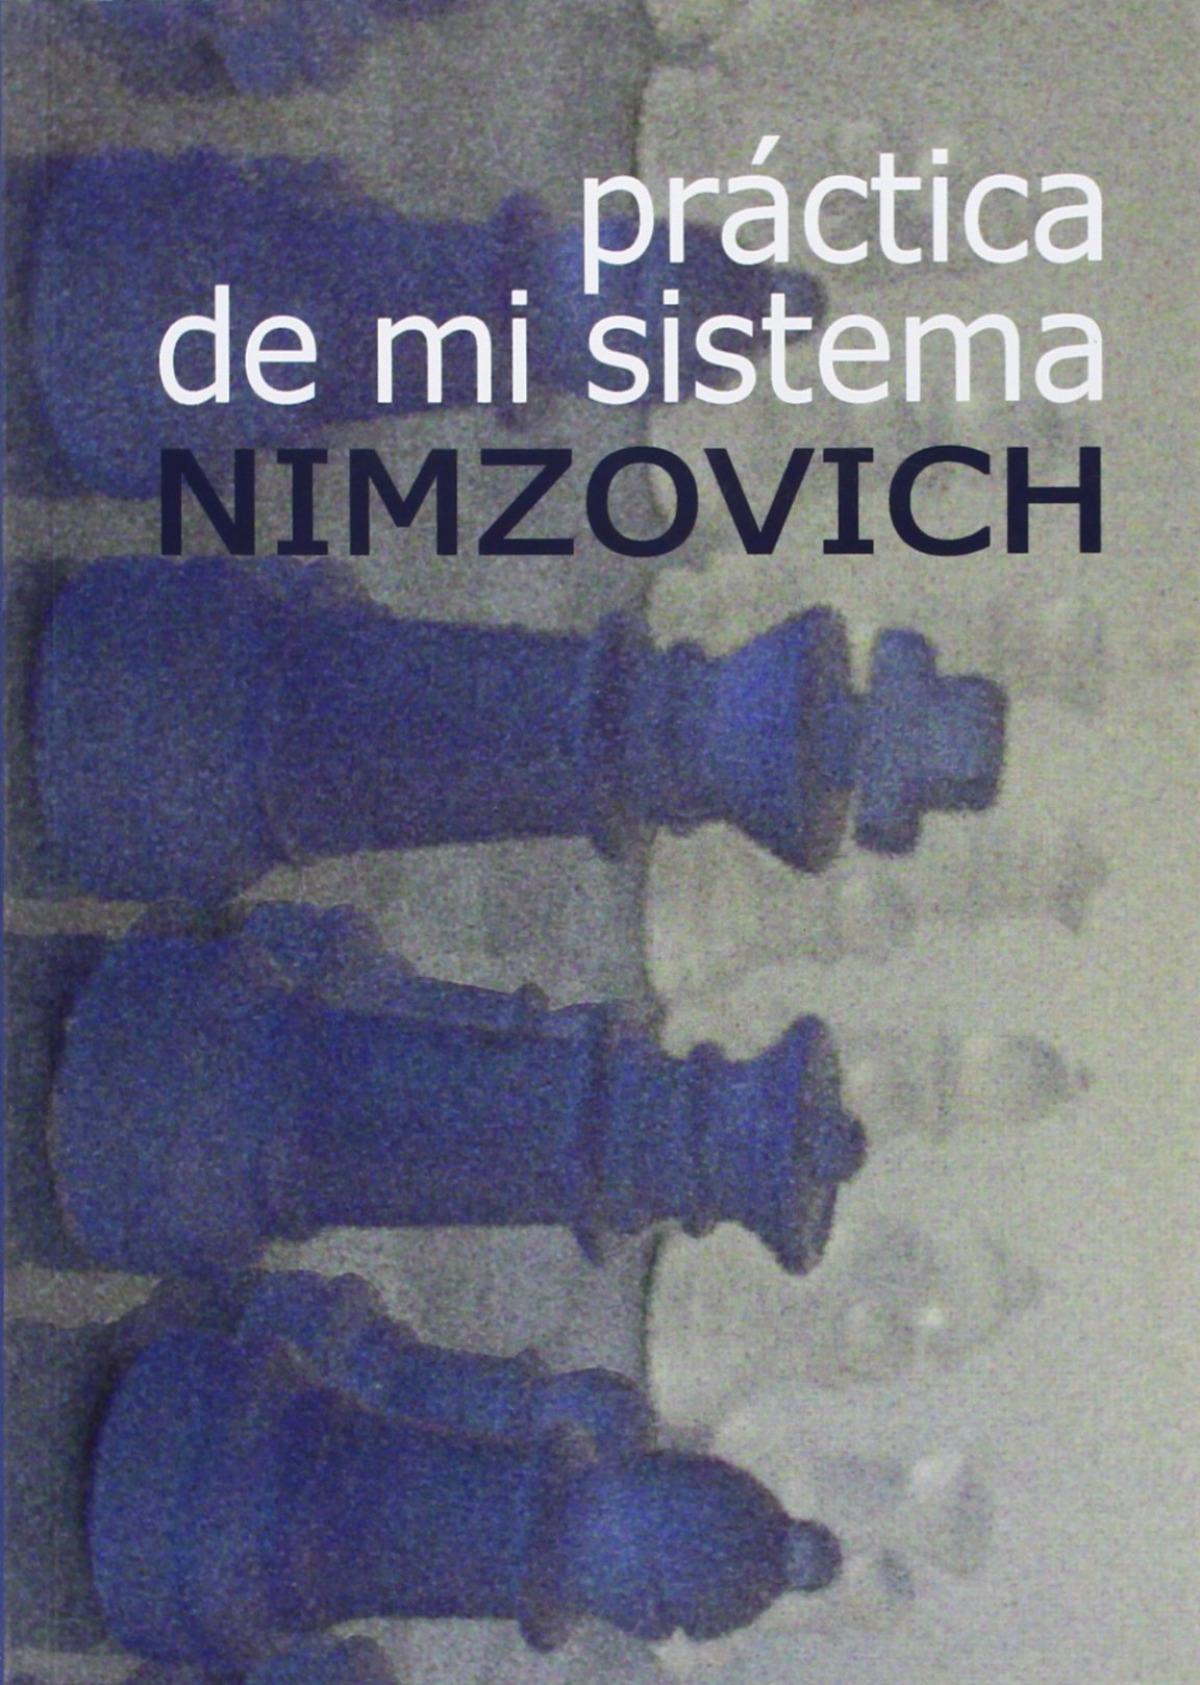 Práctica de mi sistema - Nimzovich